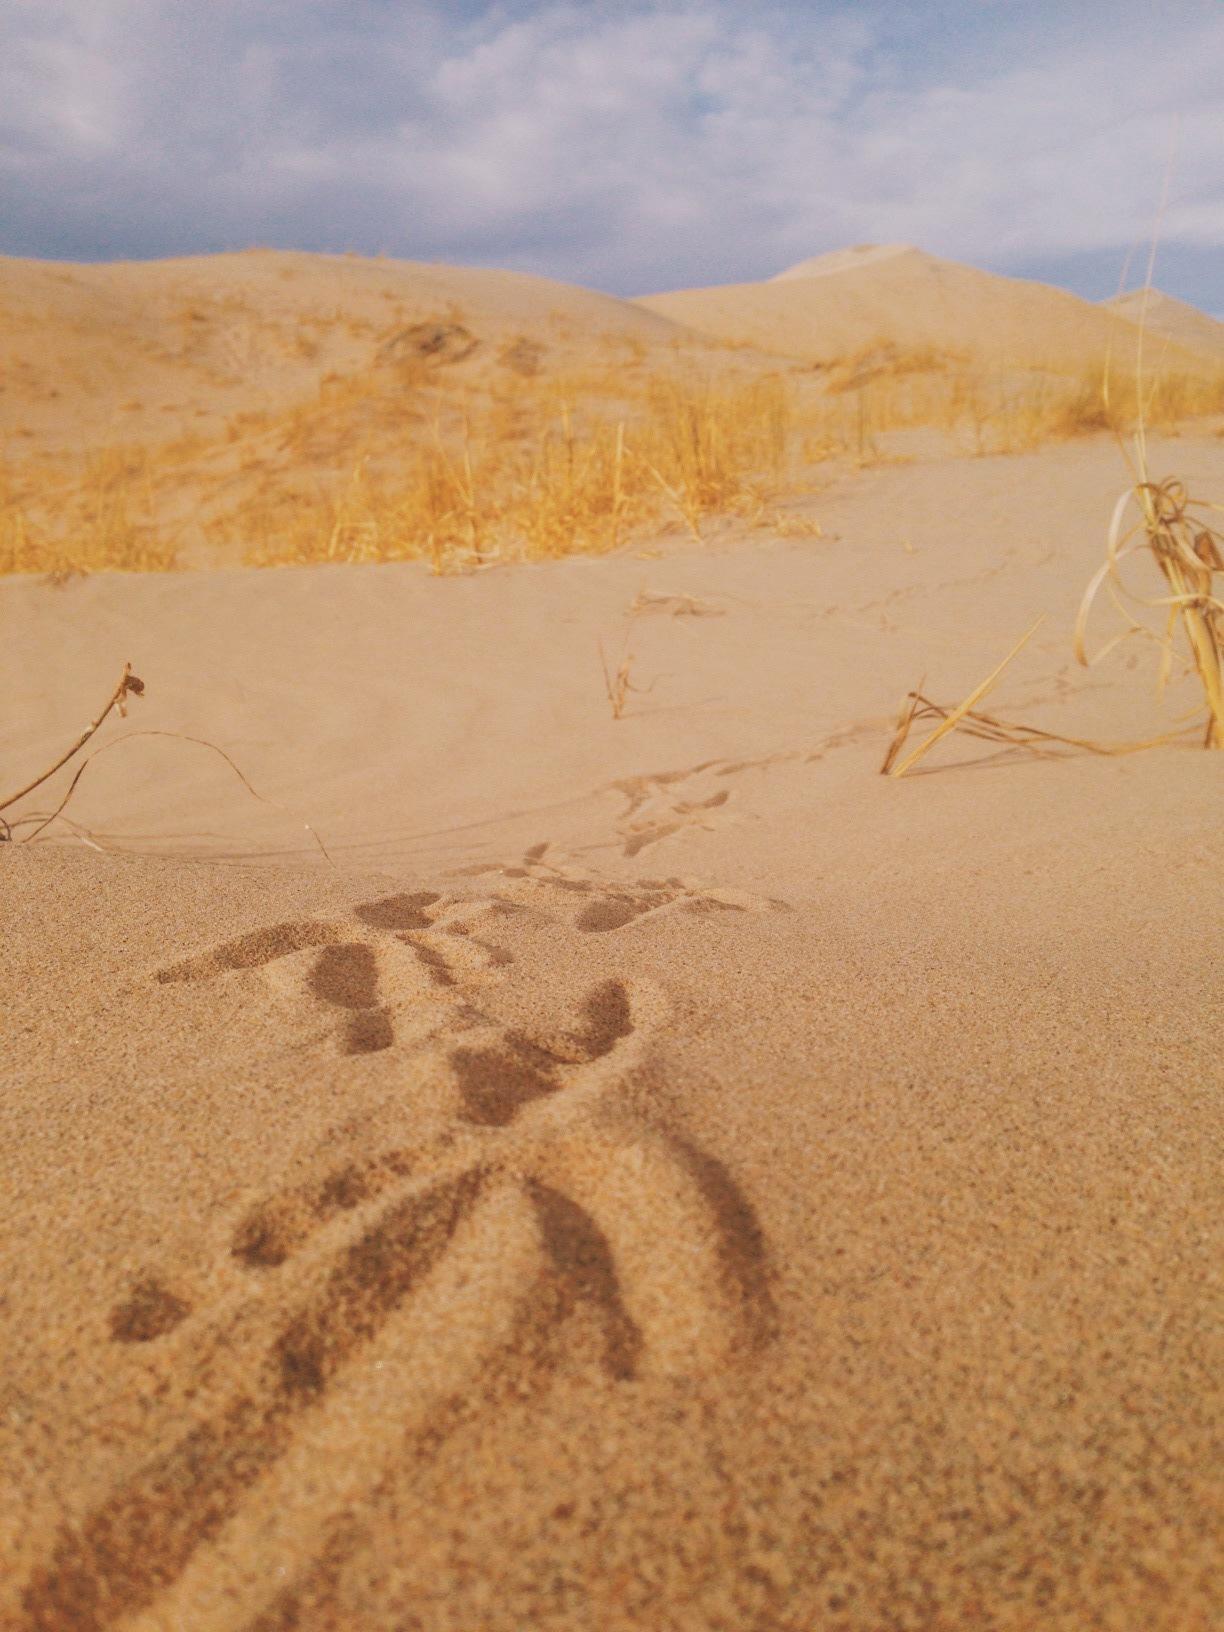 Roadrunner tracks on sand